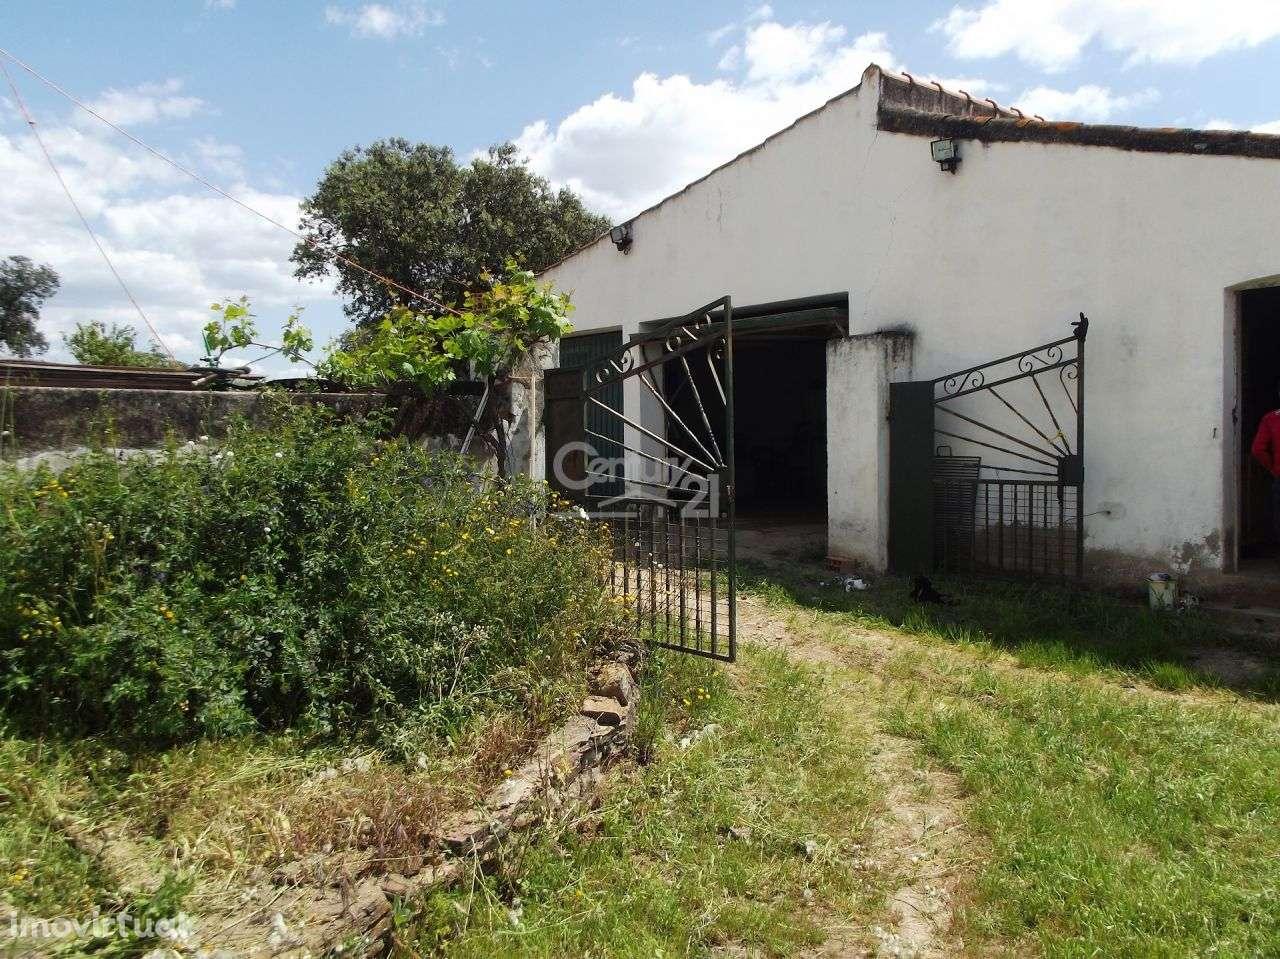 Quintas e herdades para comprar, Vila Nova de São Bento e Vale de Vargo, Serpa, Beja - Foto 18